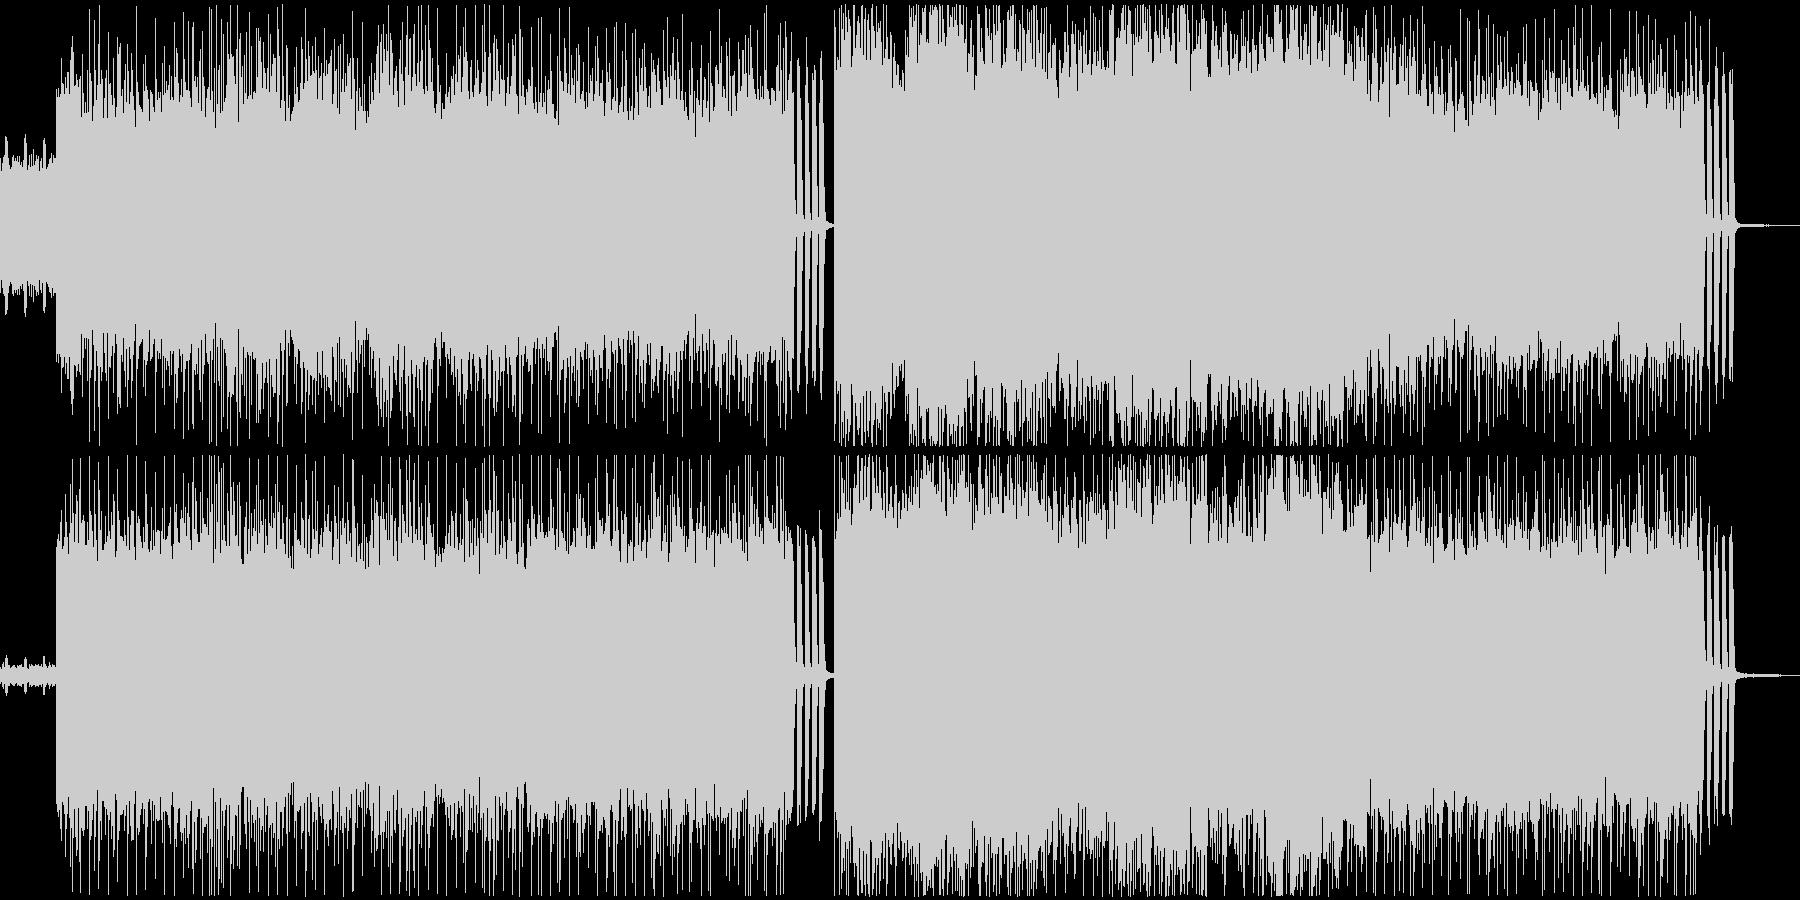 爆走ロック・メタル系BGM No.1の未再生の波形